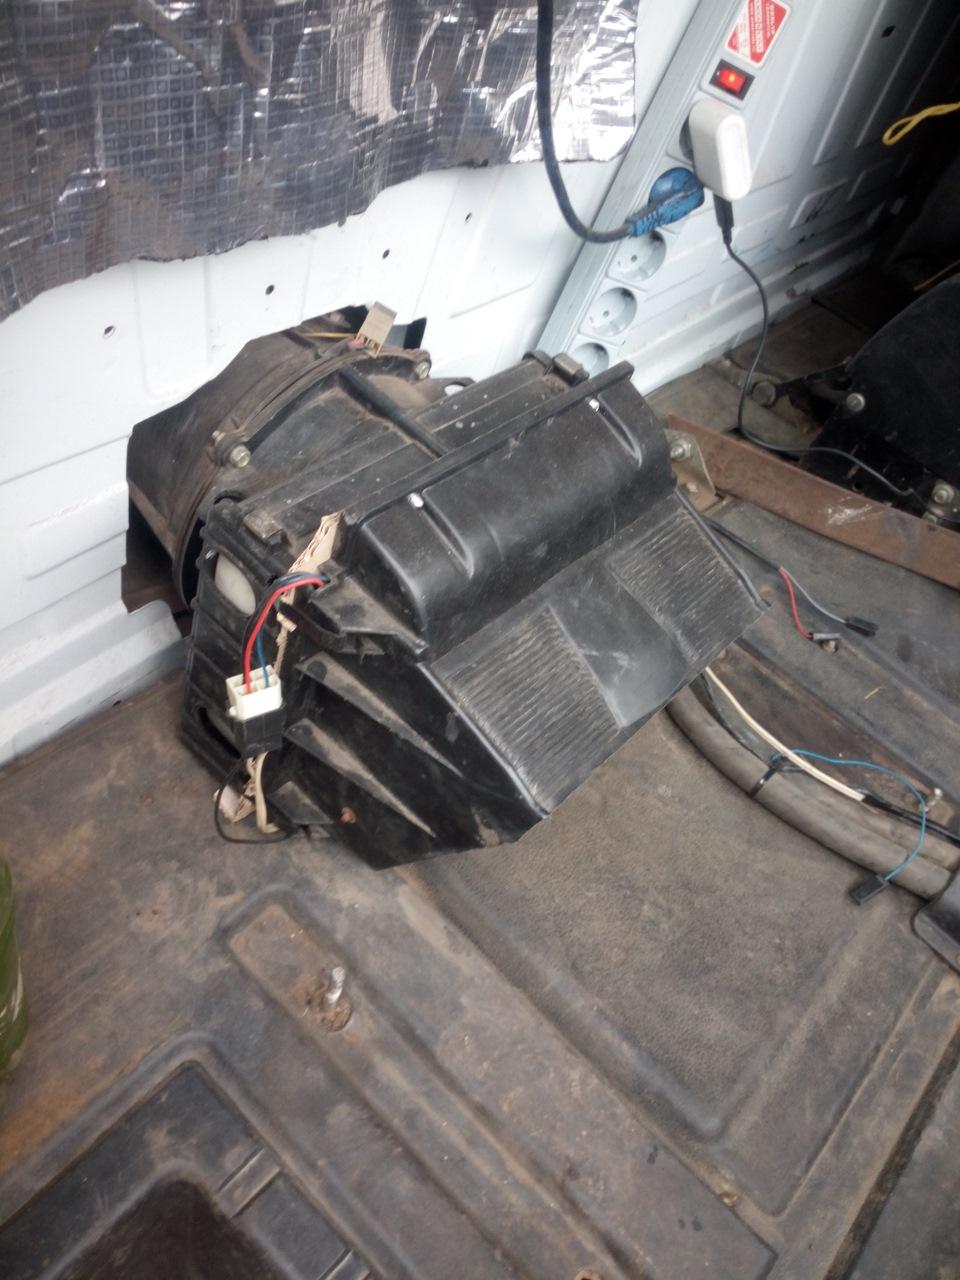 Замена радиатора печки на волге без снятия панели, торпеды (супер быстрый метод) как очень быстро поменять радиатор печки не снимая панель,торпеду на волге газ печка газель.